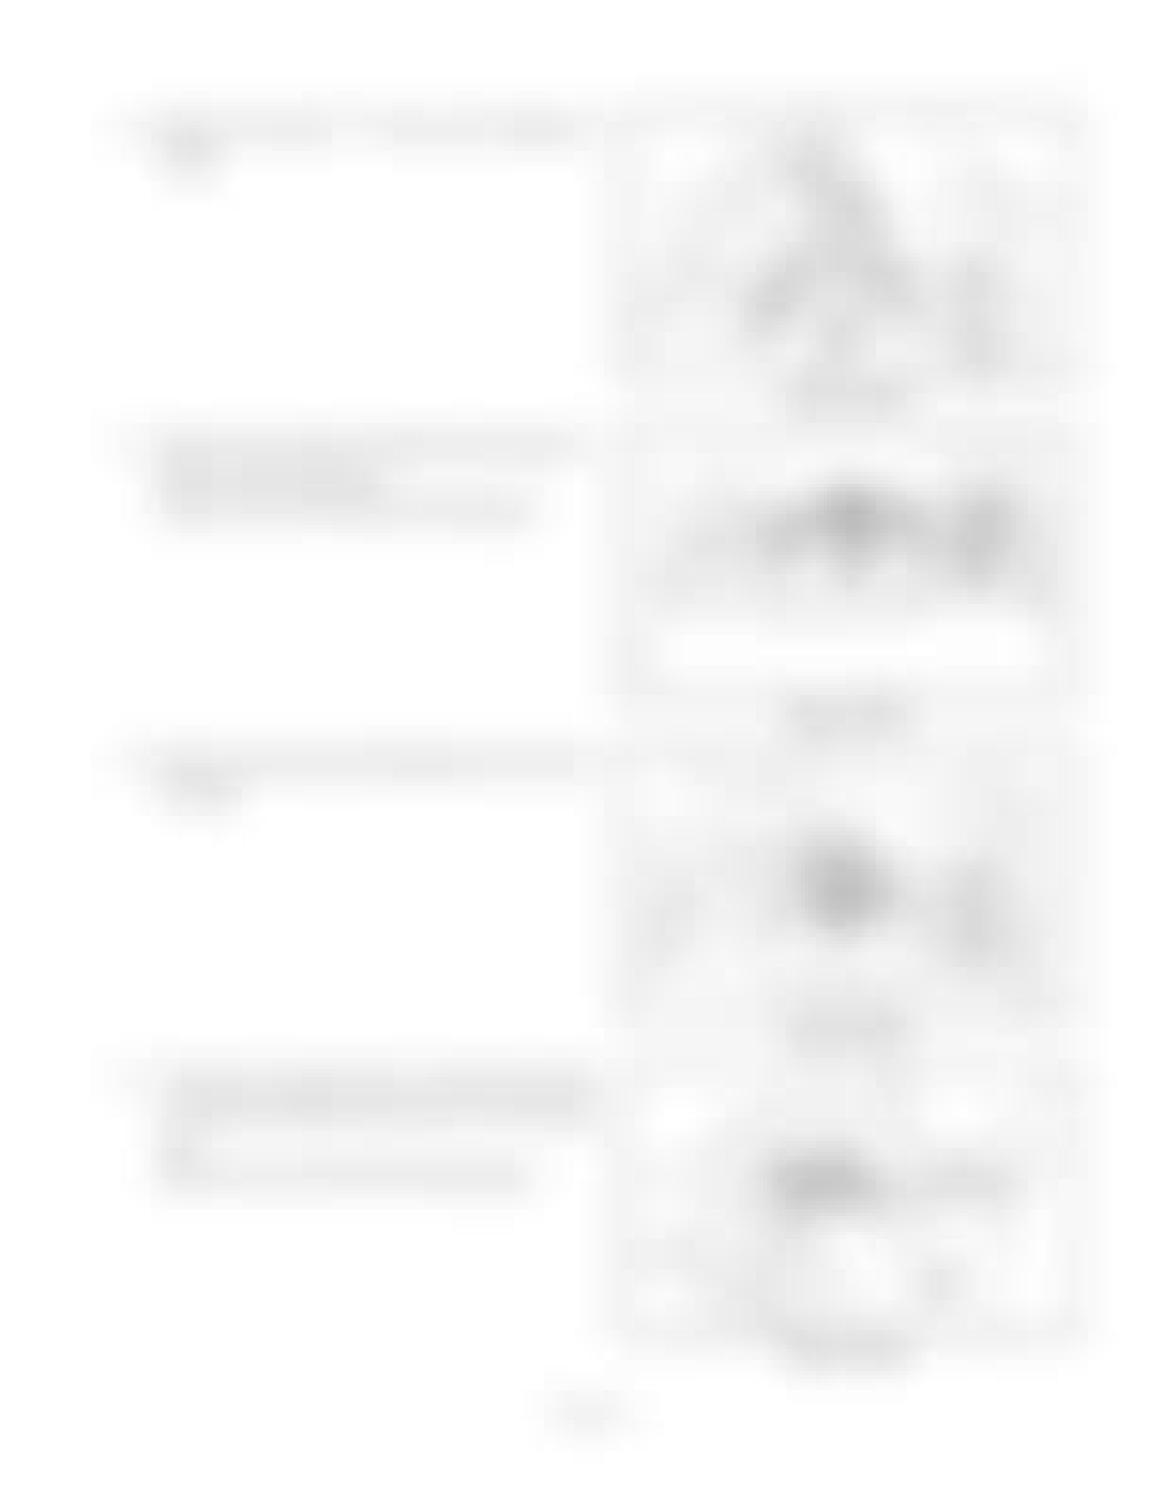 Hitachi LX110-7 LX130-7 LX160-7 LX190-7 LX230-7 Wheel Loader Workshop Manual - PDF DOWNLOAD page 43